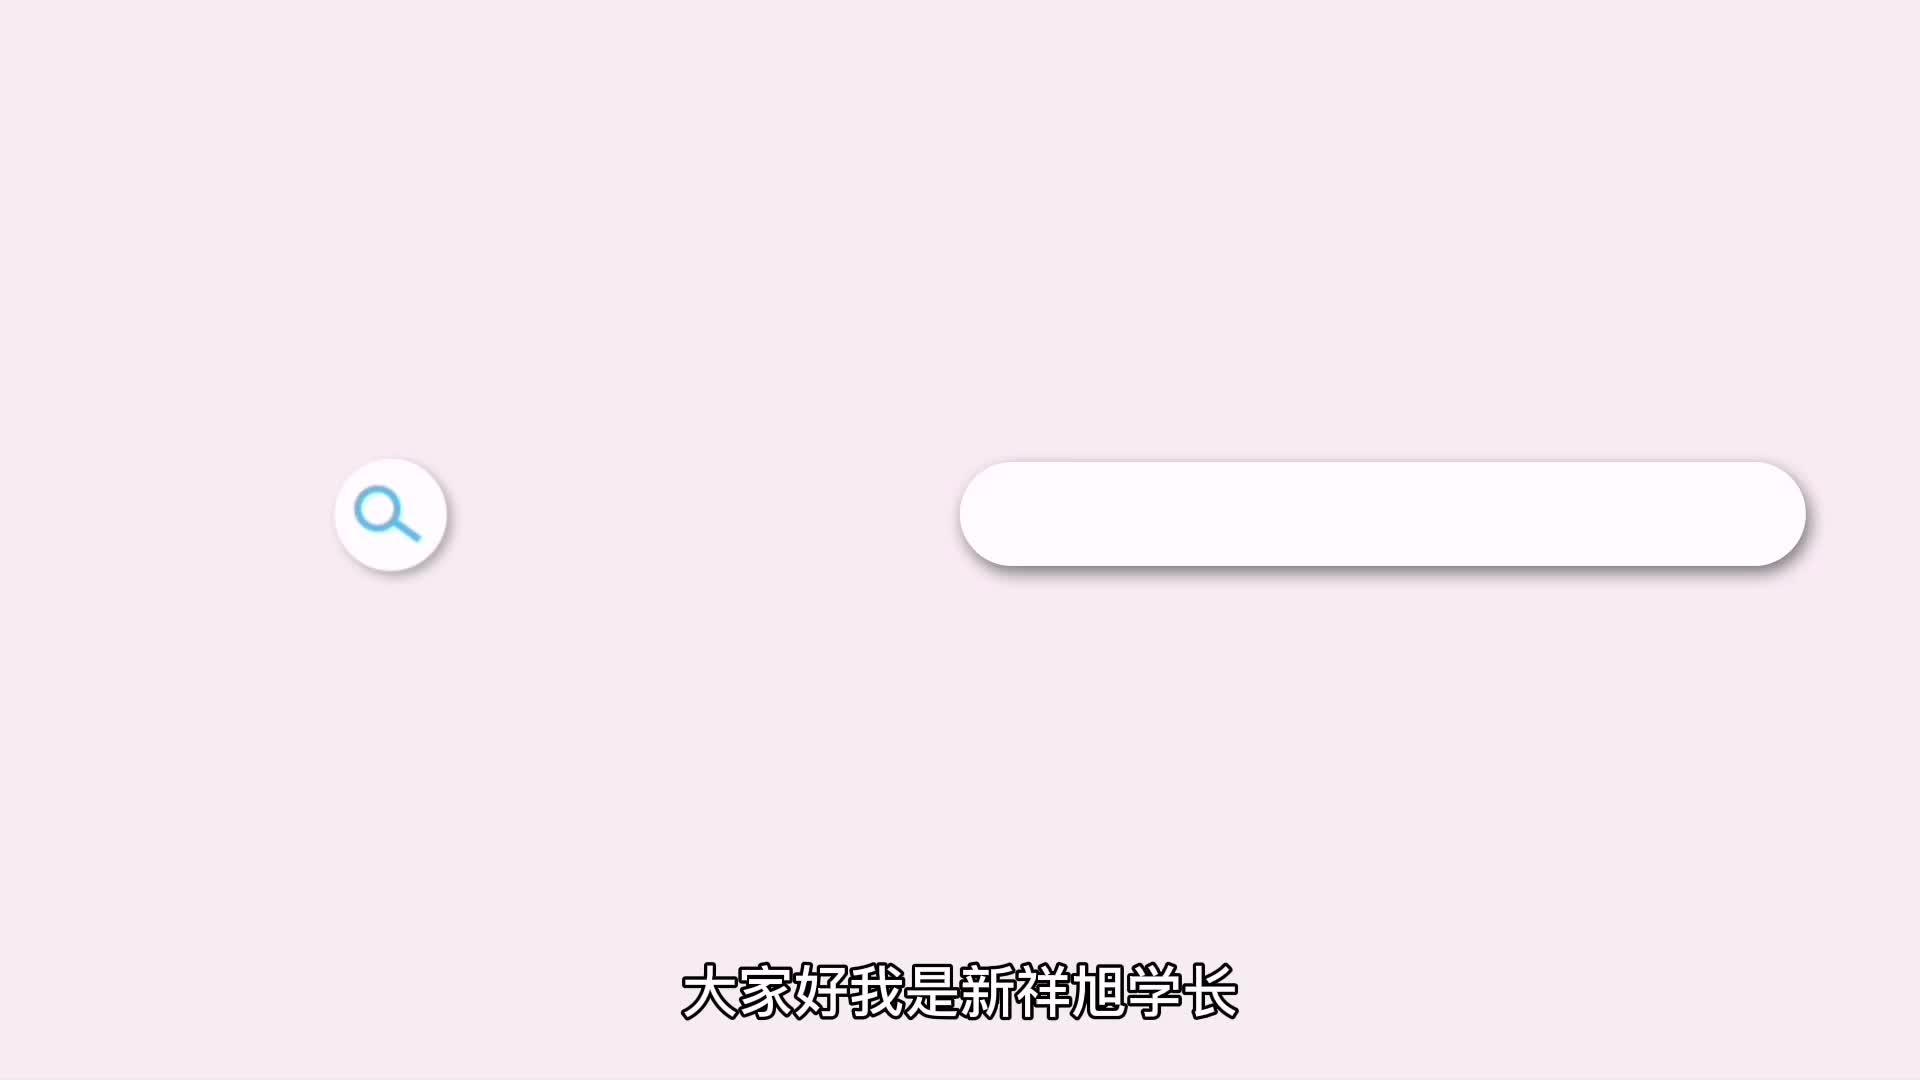 北京邮电大学MTI翻译硕士考研成功经验分享.mp4